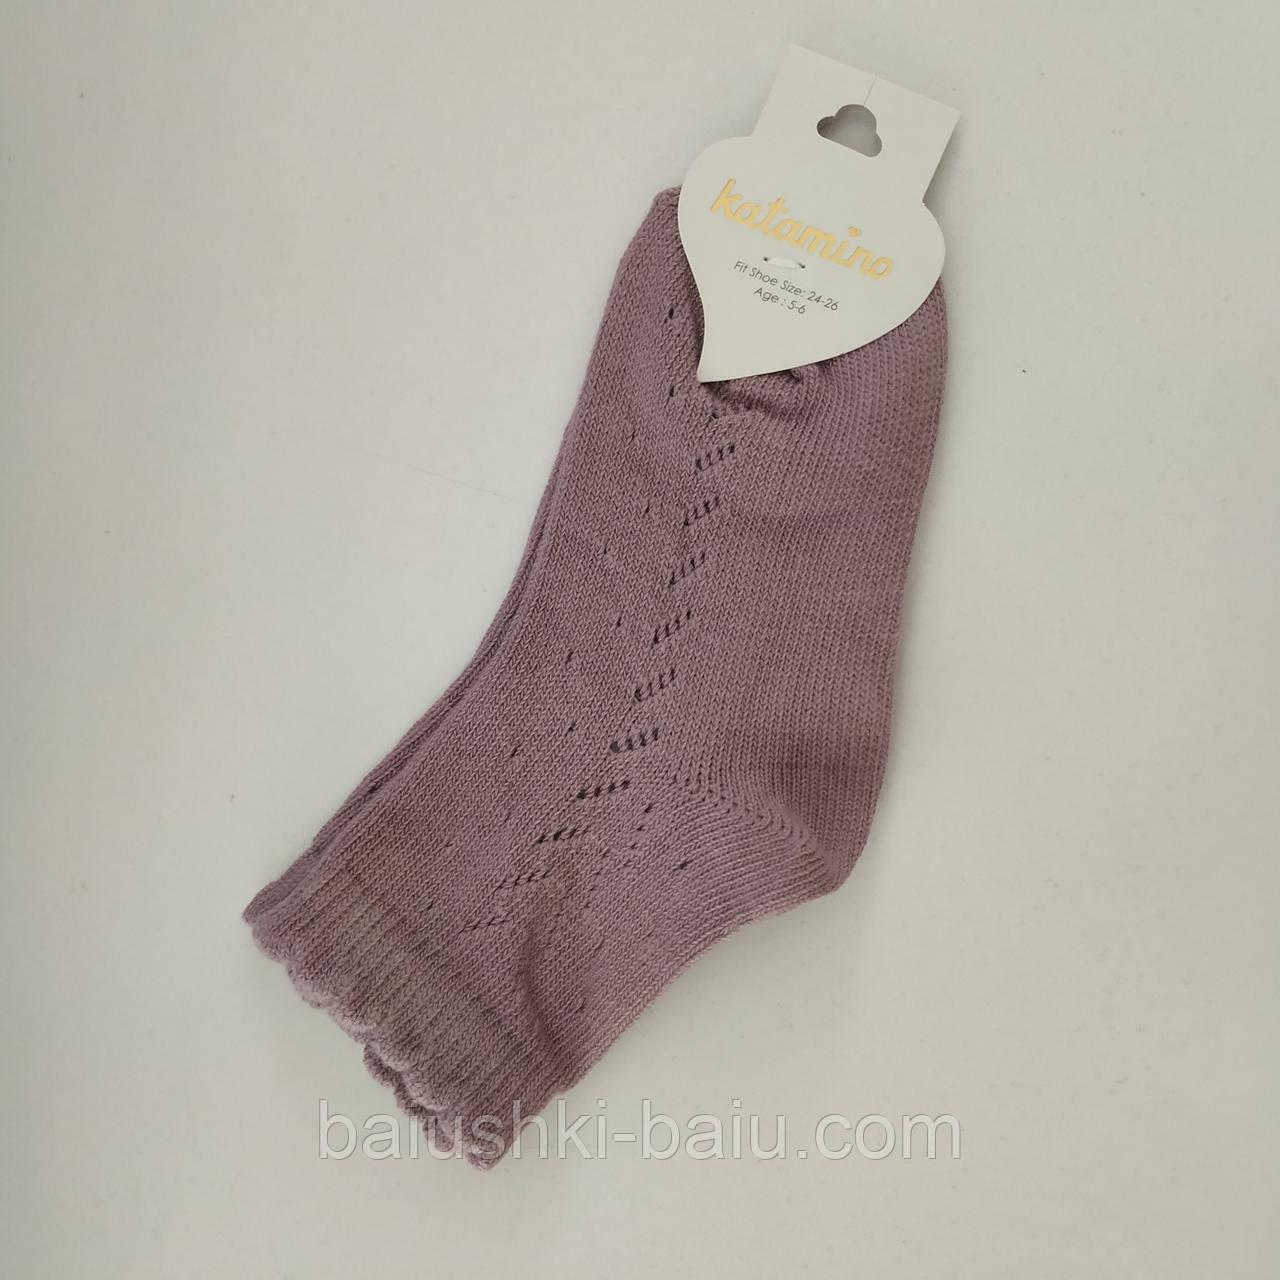 Детские хлопковые носки для девочки, р. 5-6 лет (Турция)